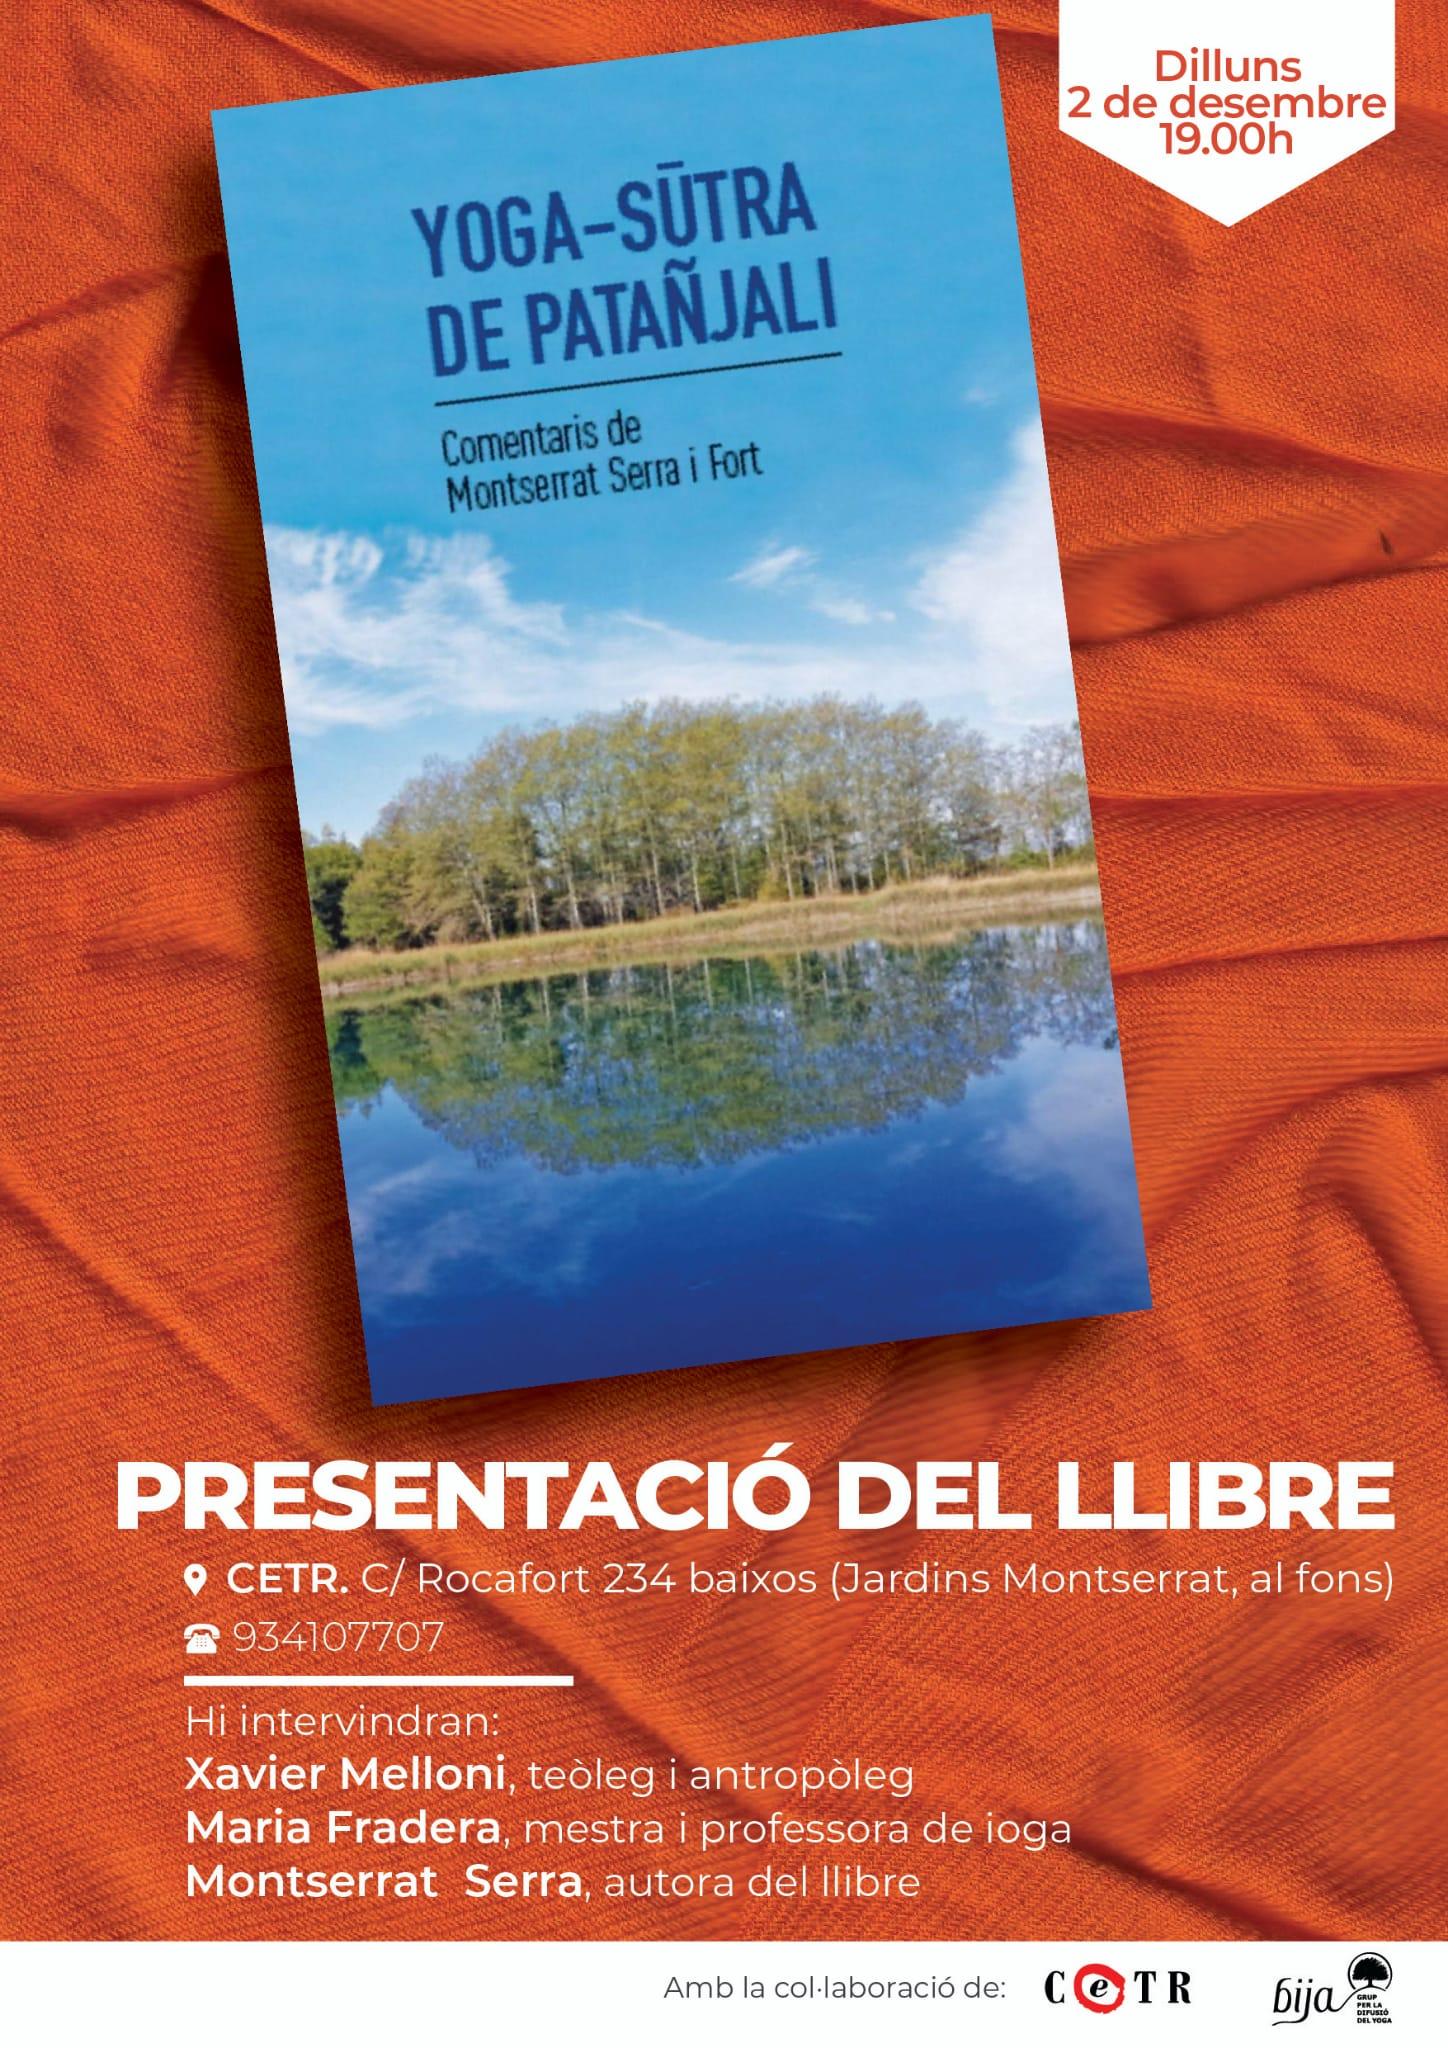 Presentació Del Llibre YOGA-SUTRA De PATAÑJALI El 2 De Desembre A CETR